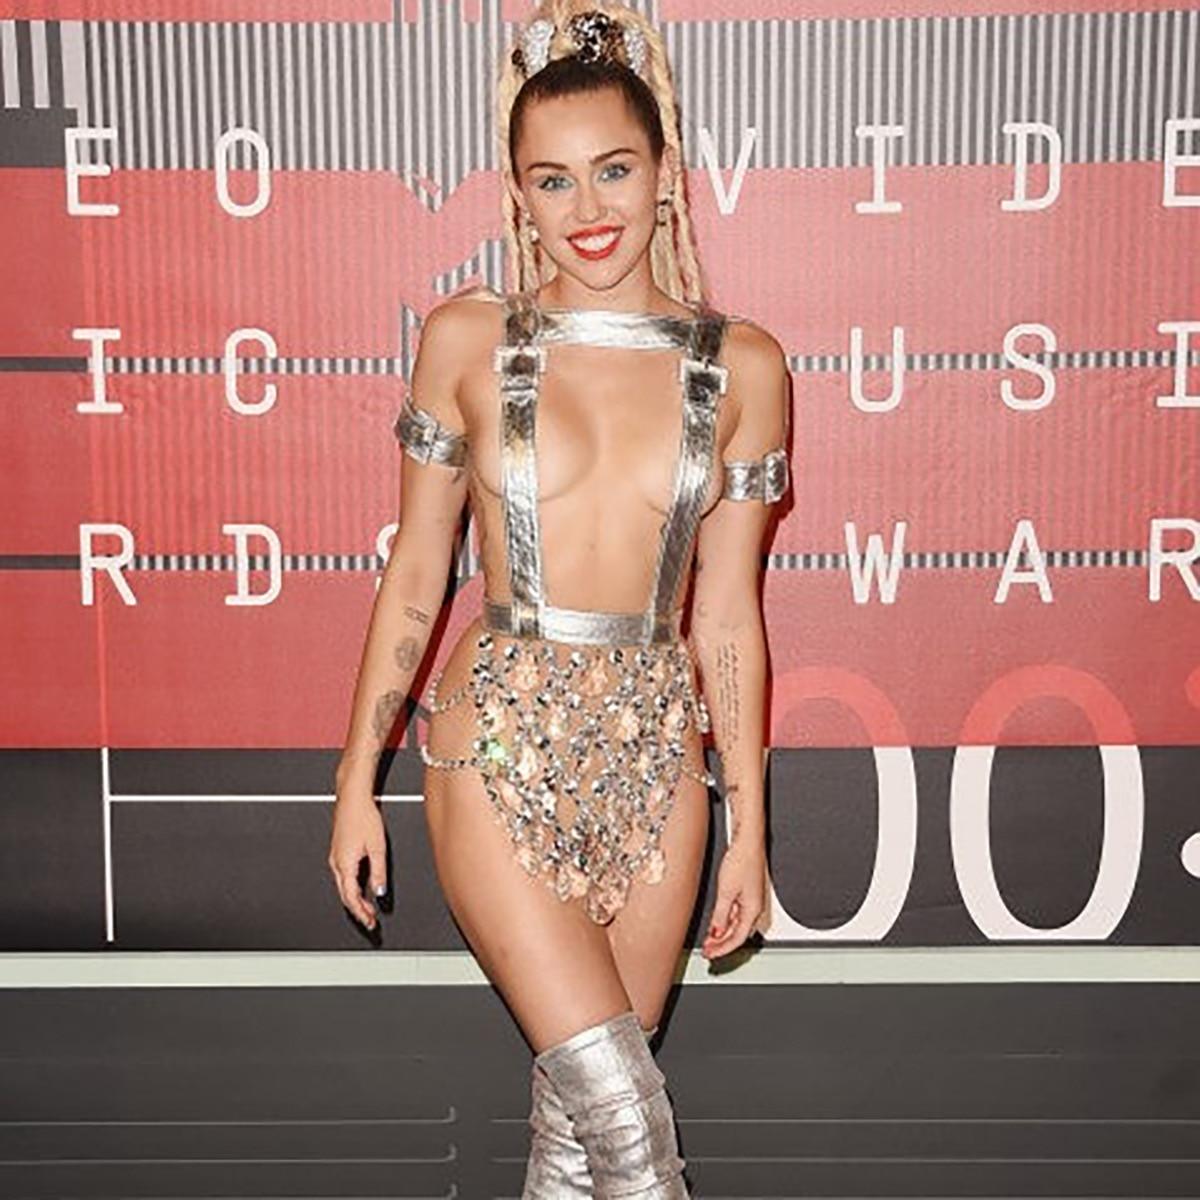 जब अवॉर्ड्स के रेड कारपेट पर बोल्ड ड्रेस पहने उतरीं हॉलीवुड एक्ट्रेसेज, उड़  गए थे सबके होश - Hollywood AajTak